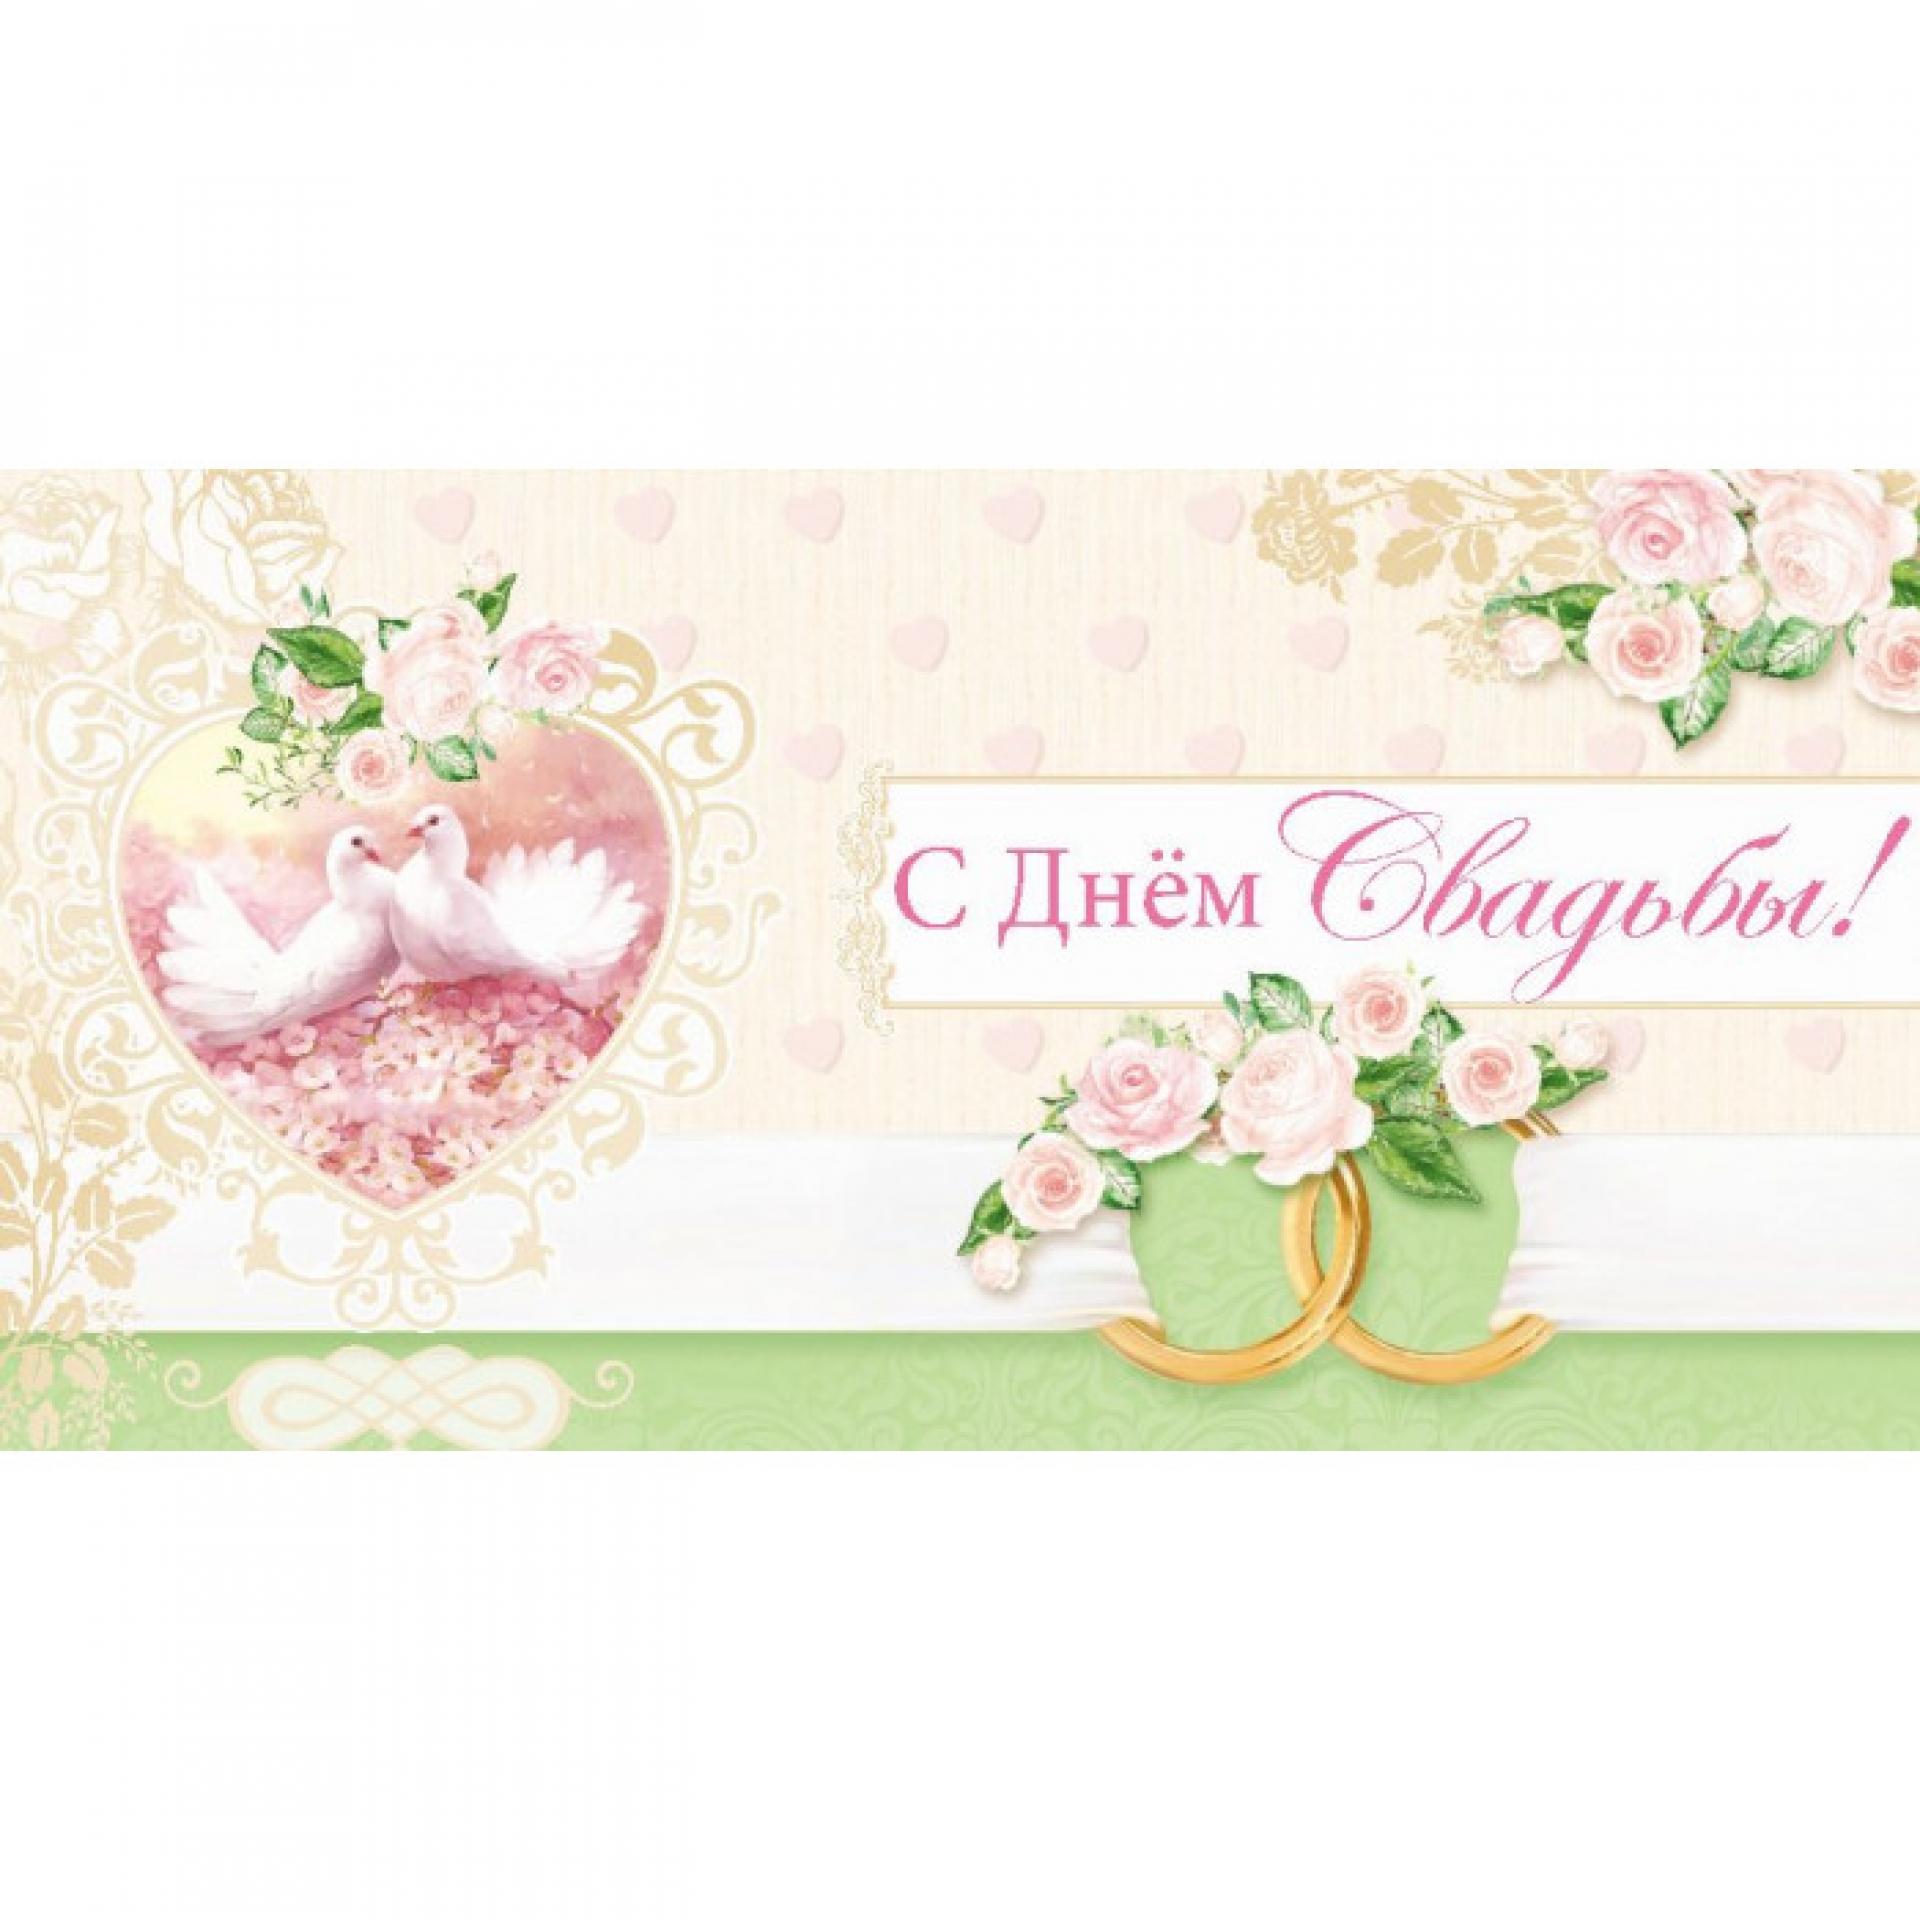 Открытки для денег со свадьбой